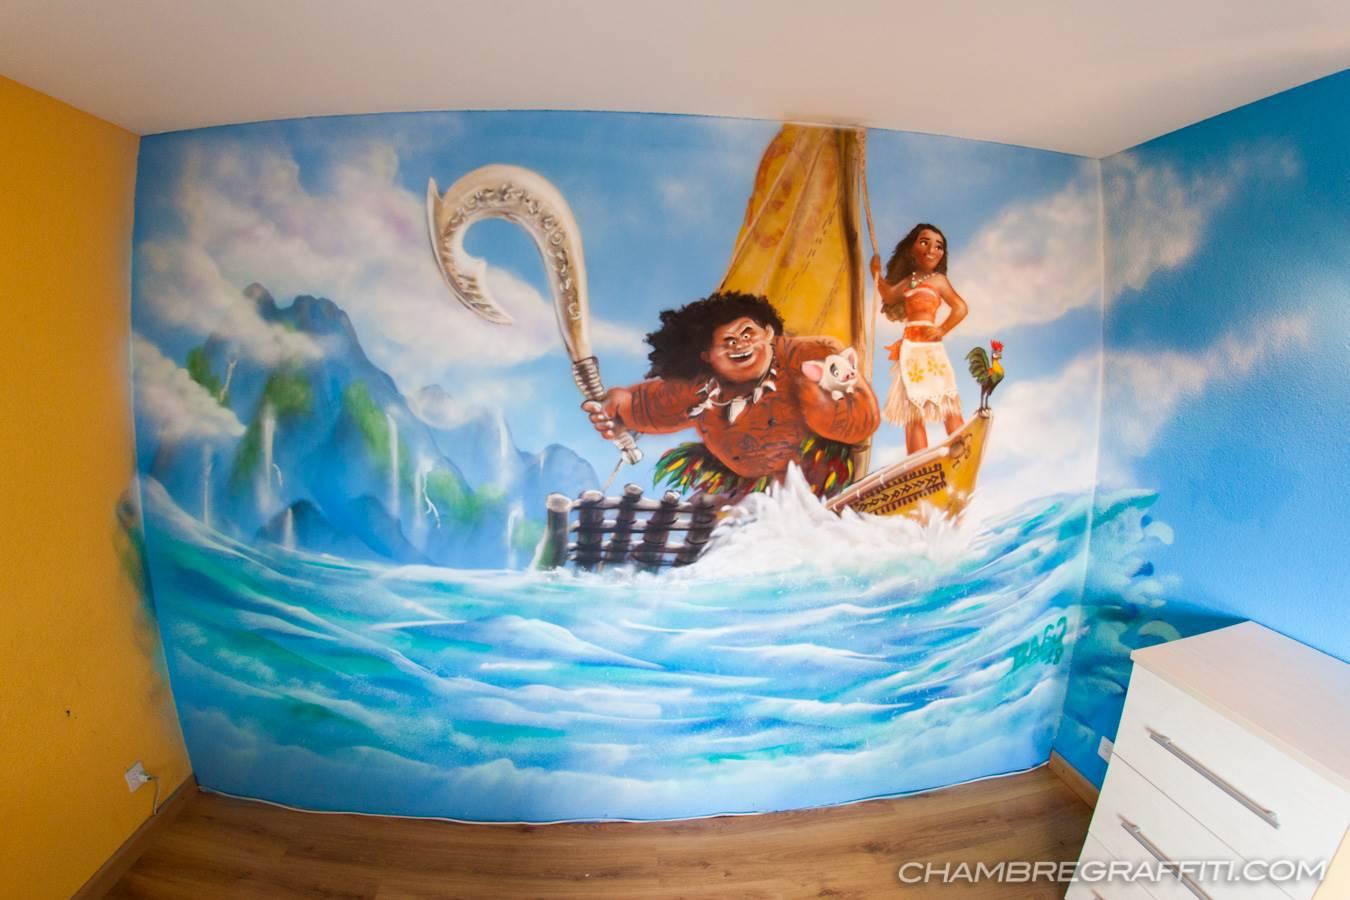 d co trompe l 39 oeil pour chambre d 39 enfant chambregraffiti. Black Bedroom Furniture Sets. Home Design Ideas